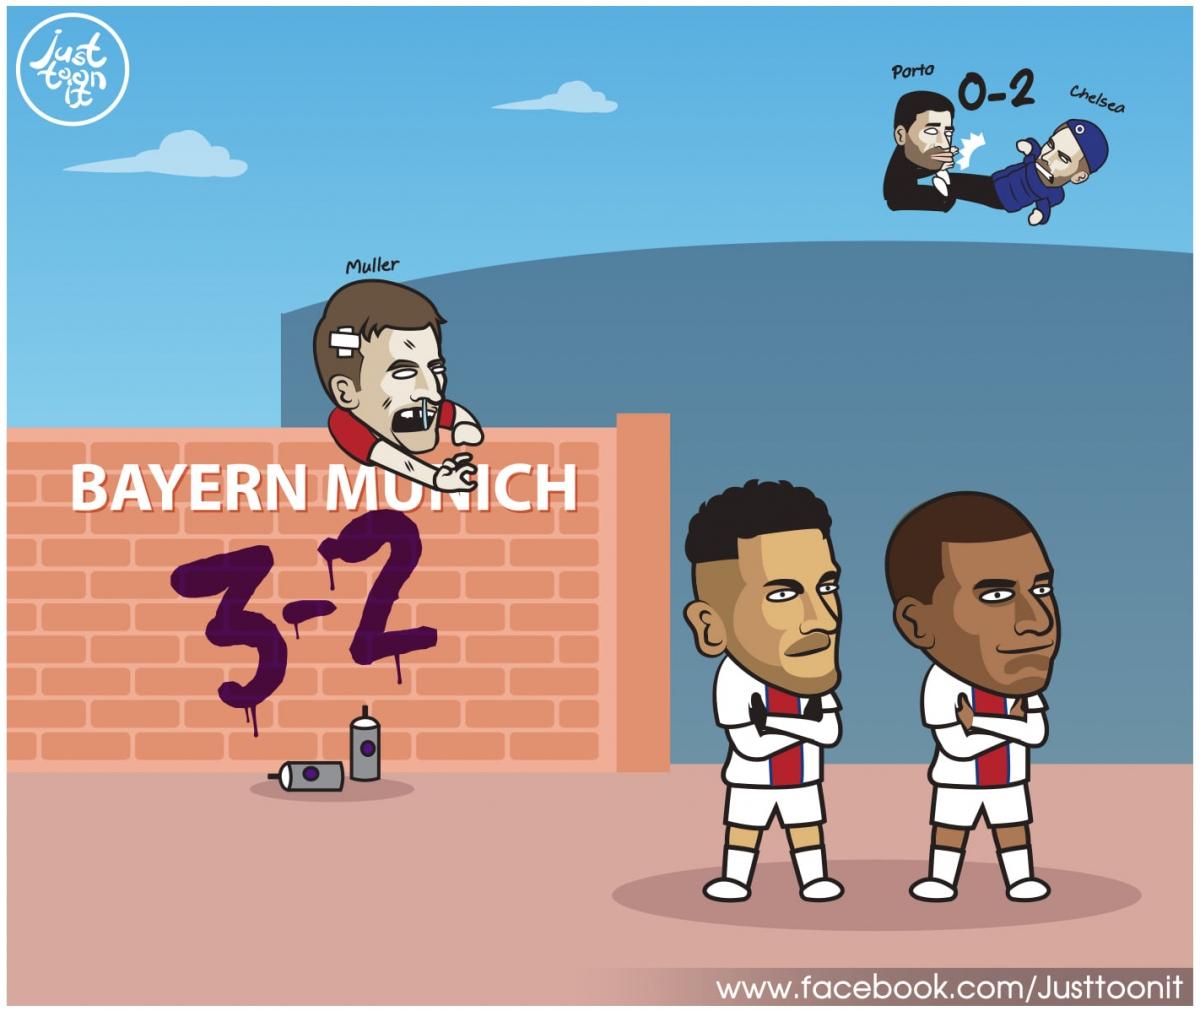 Toàn cảnh 2 trận tứ kết lượt đi cuối cùng của Champions League. (Ảnh: Just Toonit).